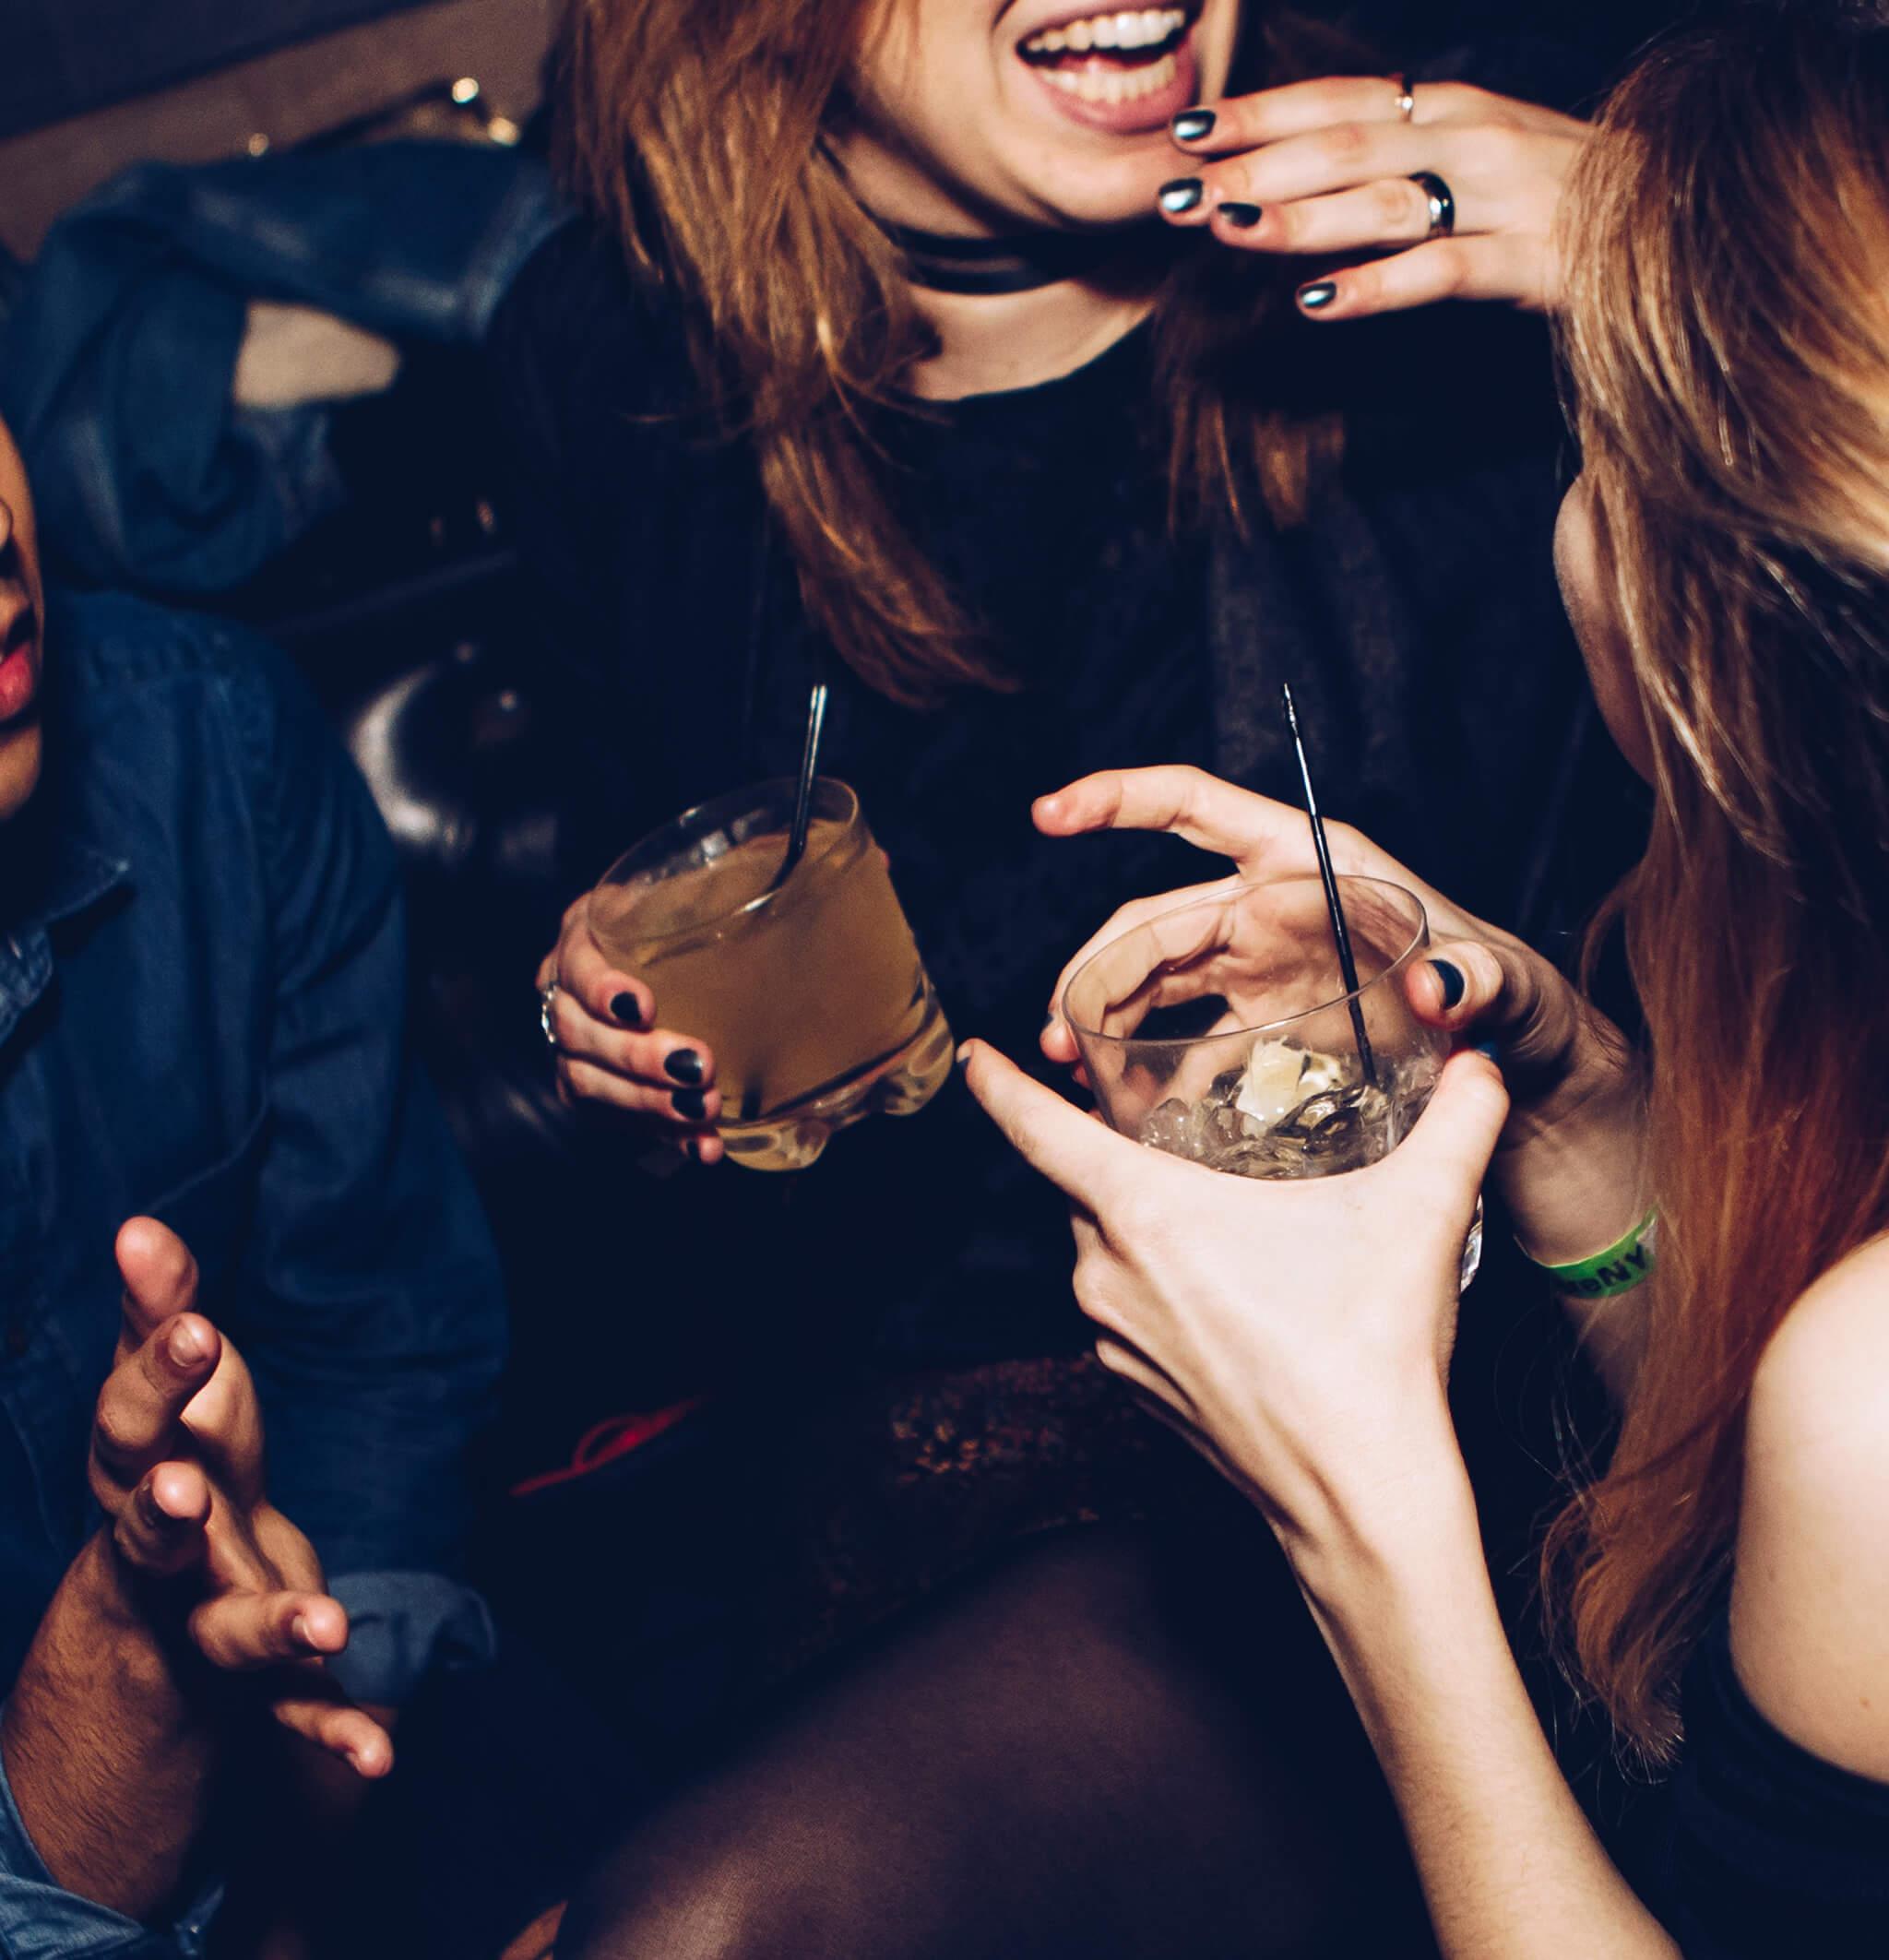 Zwei Frauen und ein Mann mit alkoholischen Getränken in gelöster Stimmung.